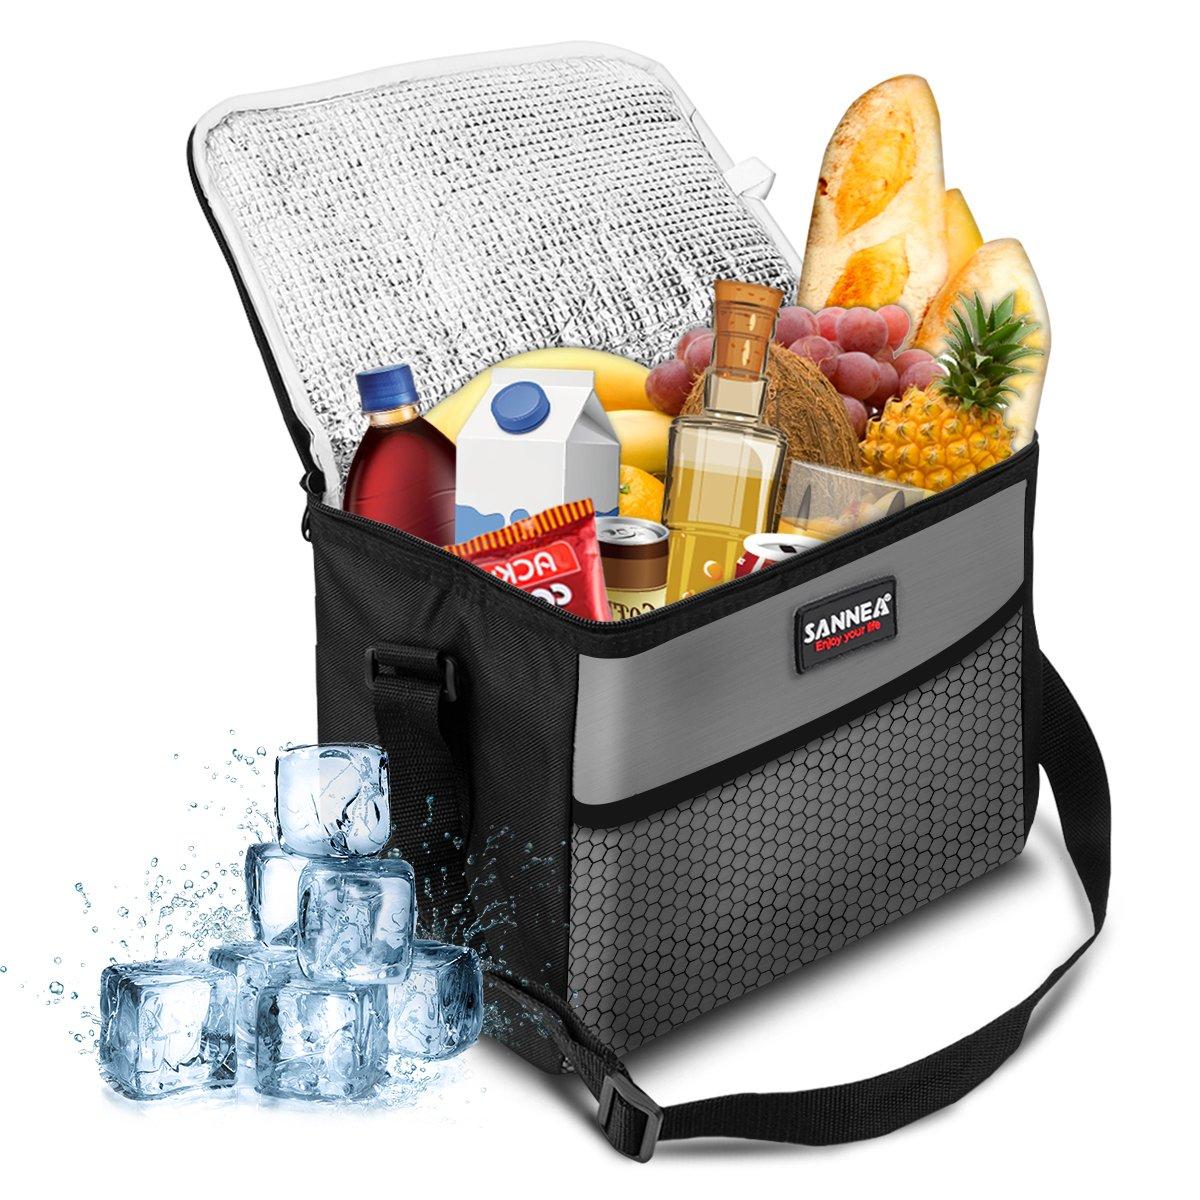 NASUM Kühltasche Picknicktasche Thermotasche Lunch Tasche isolierte Sanne Kühlbox Lebensmitteltransport